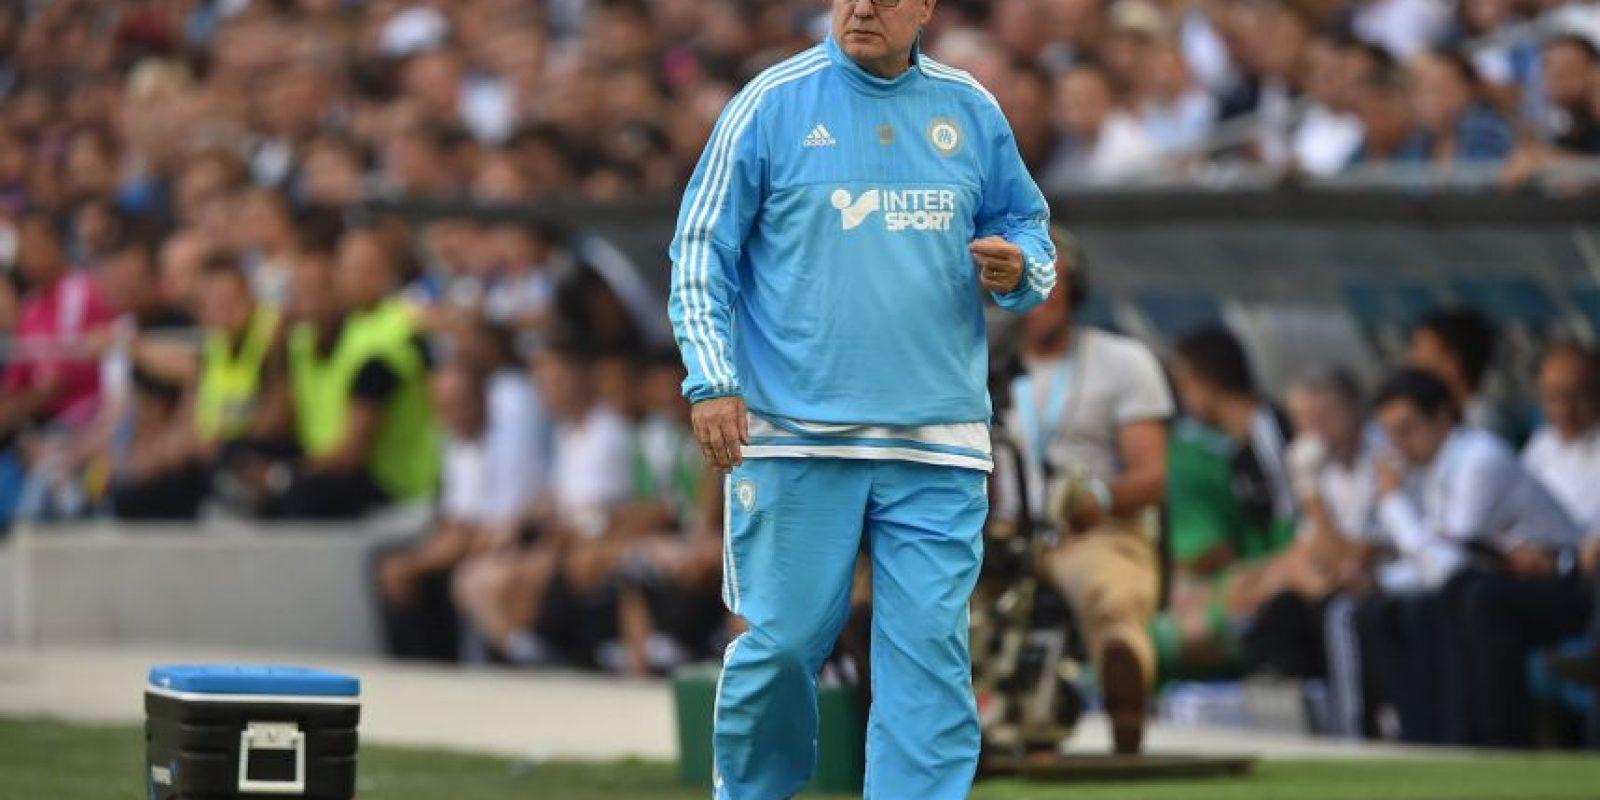 """El """"Loco"""", cuyo último equipo fue el Olympique de Marsella, llegaría a la Premier League en julio. Sus opciones: Everton o Swansea City. Foto:Getty Images"""